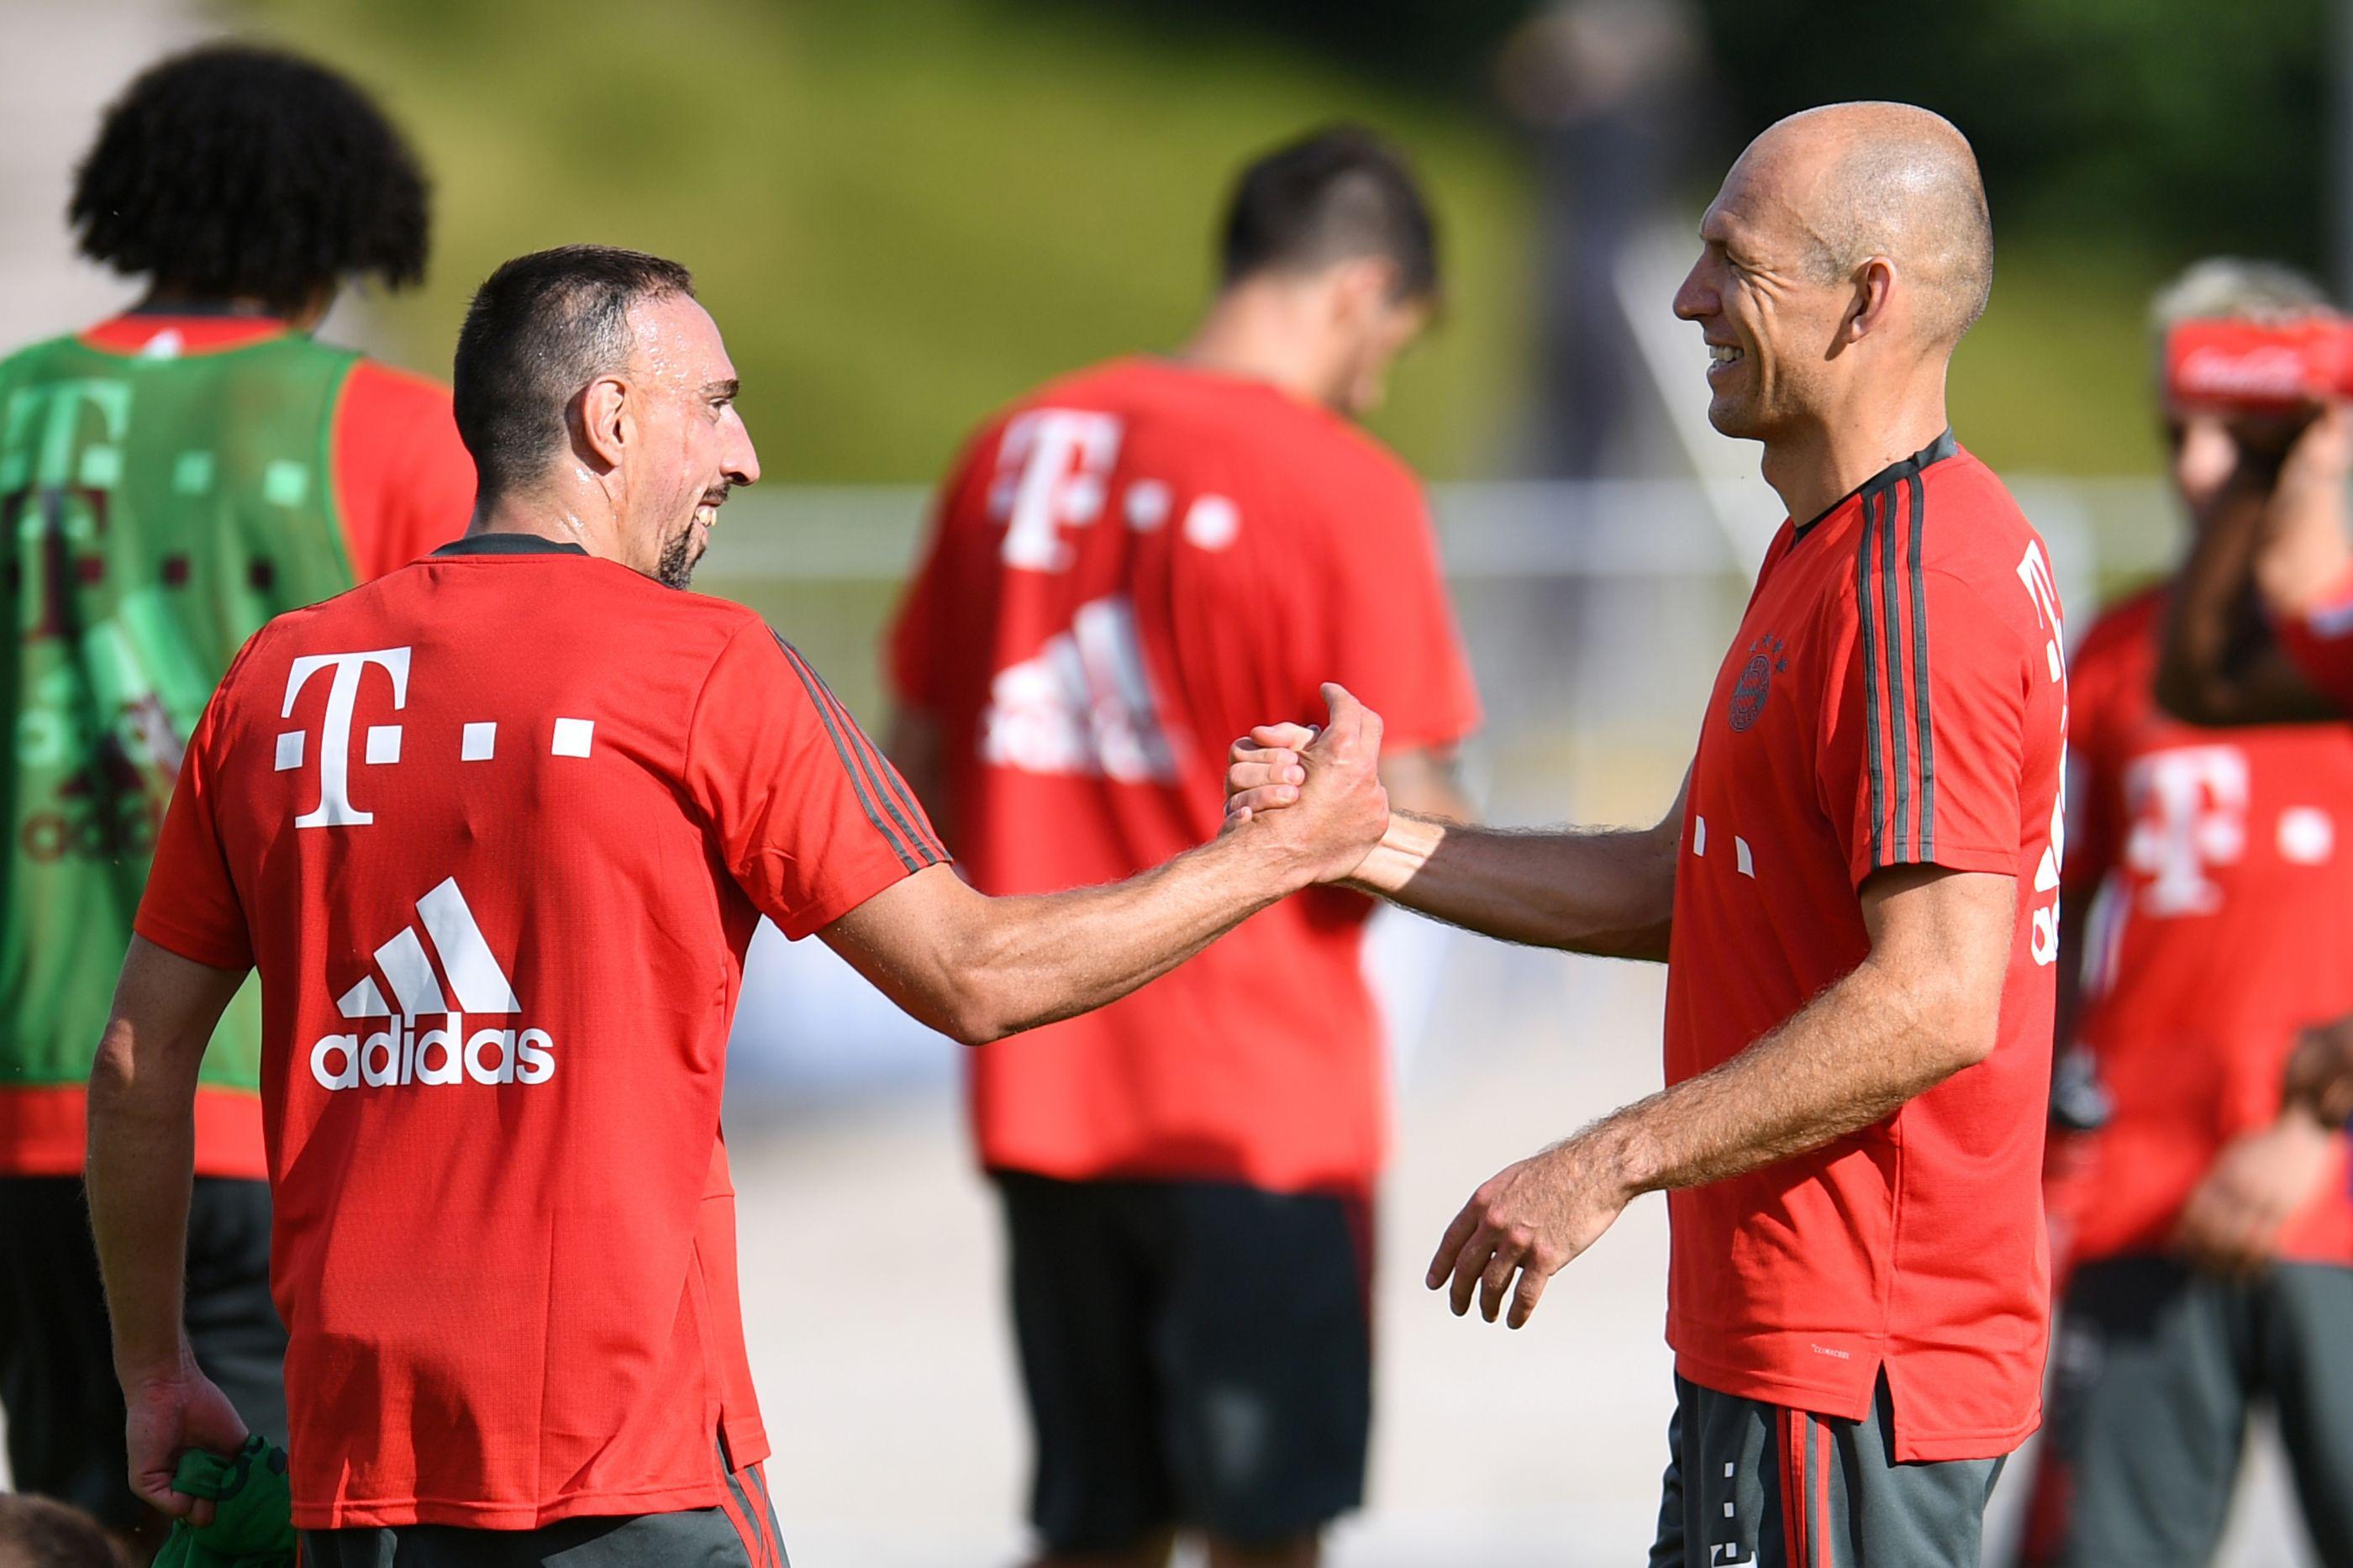 Confirmado: Ribéry e Robben vão dizer adeus ao Bayern de Munique